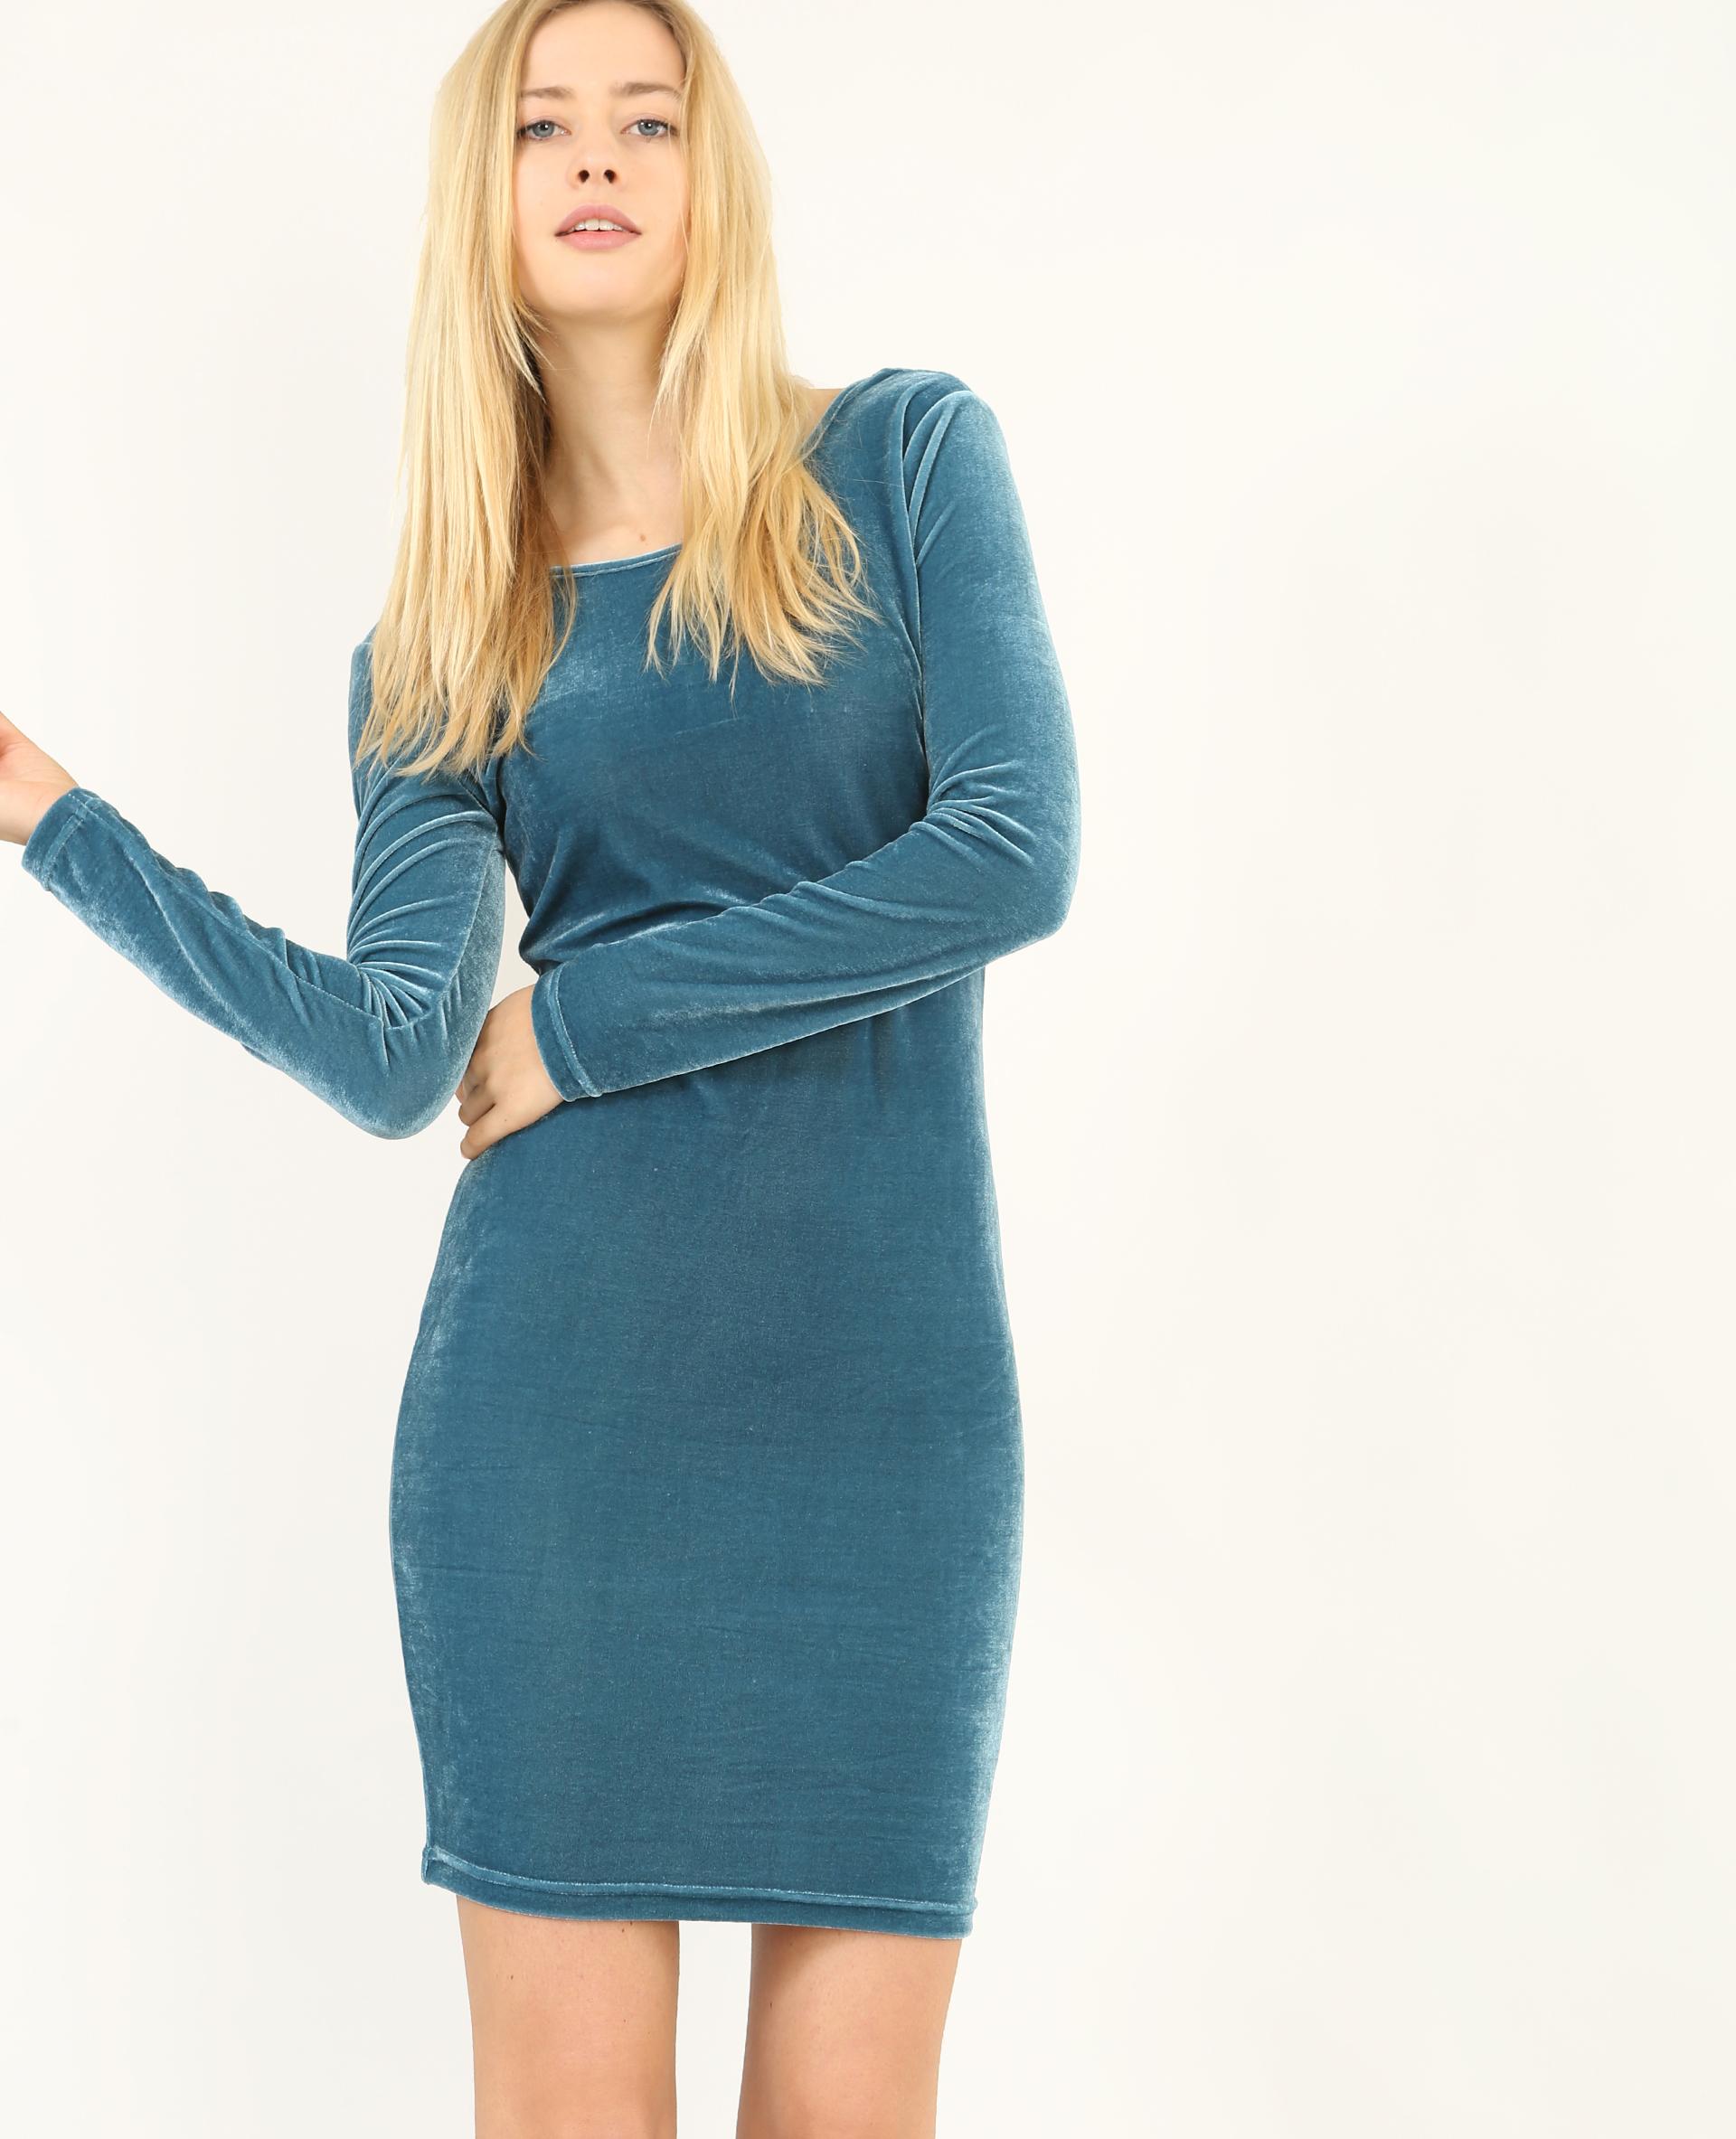 robe velours bleu canard 780807b36a06 pimkie. Black Bedroom Furniture Sets. Home Design Ideas